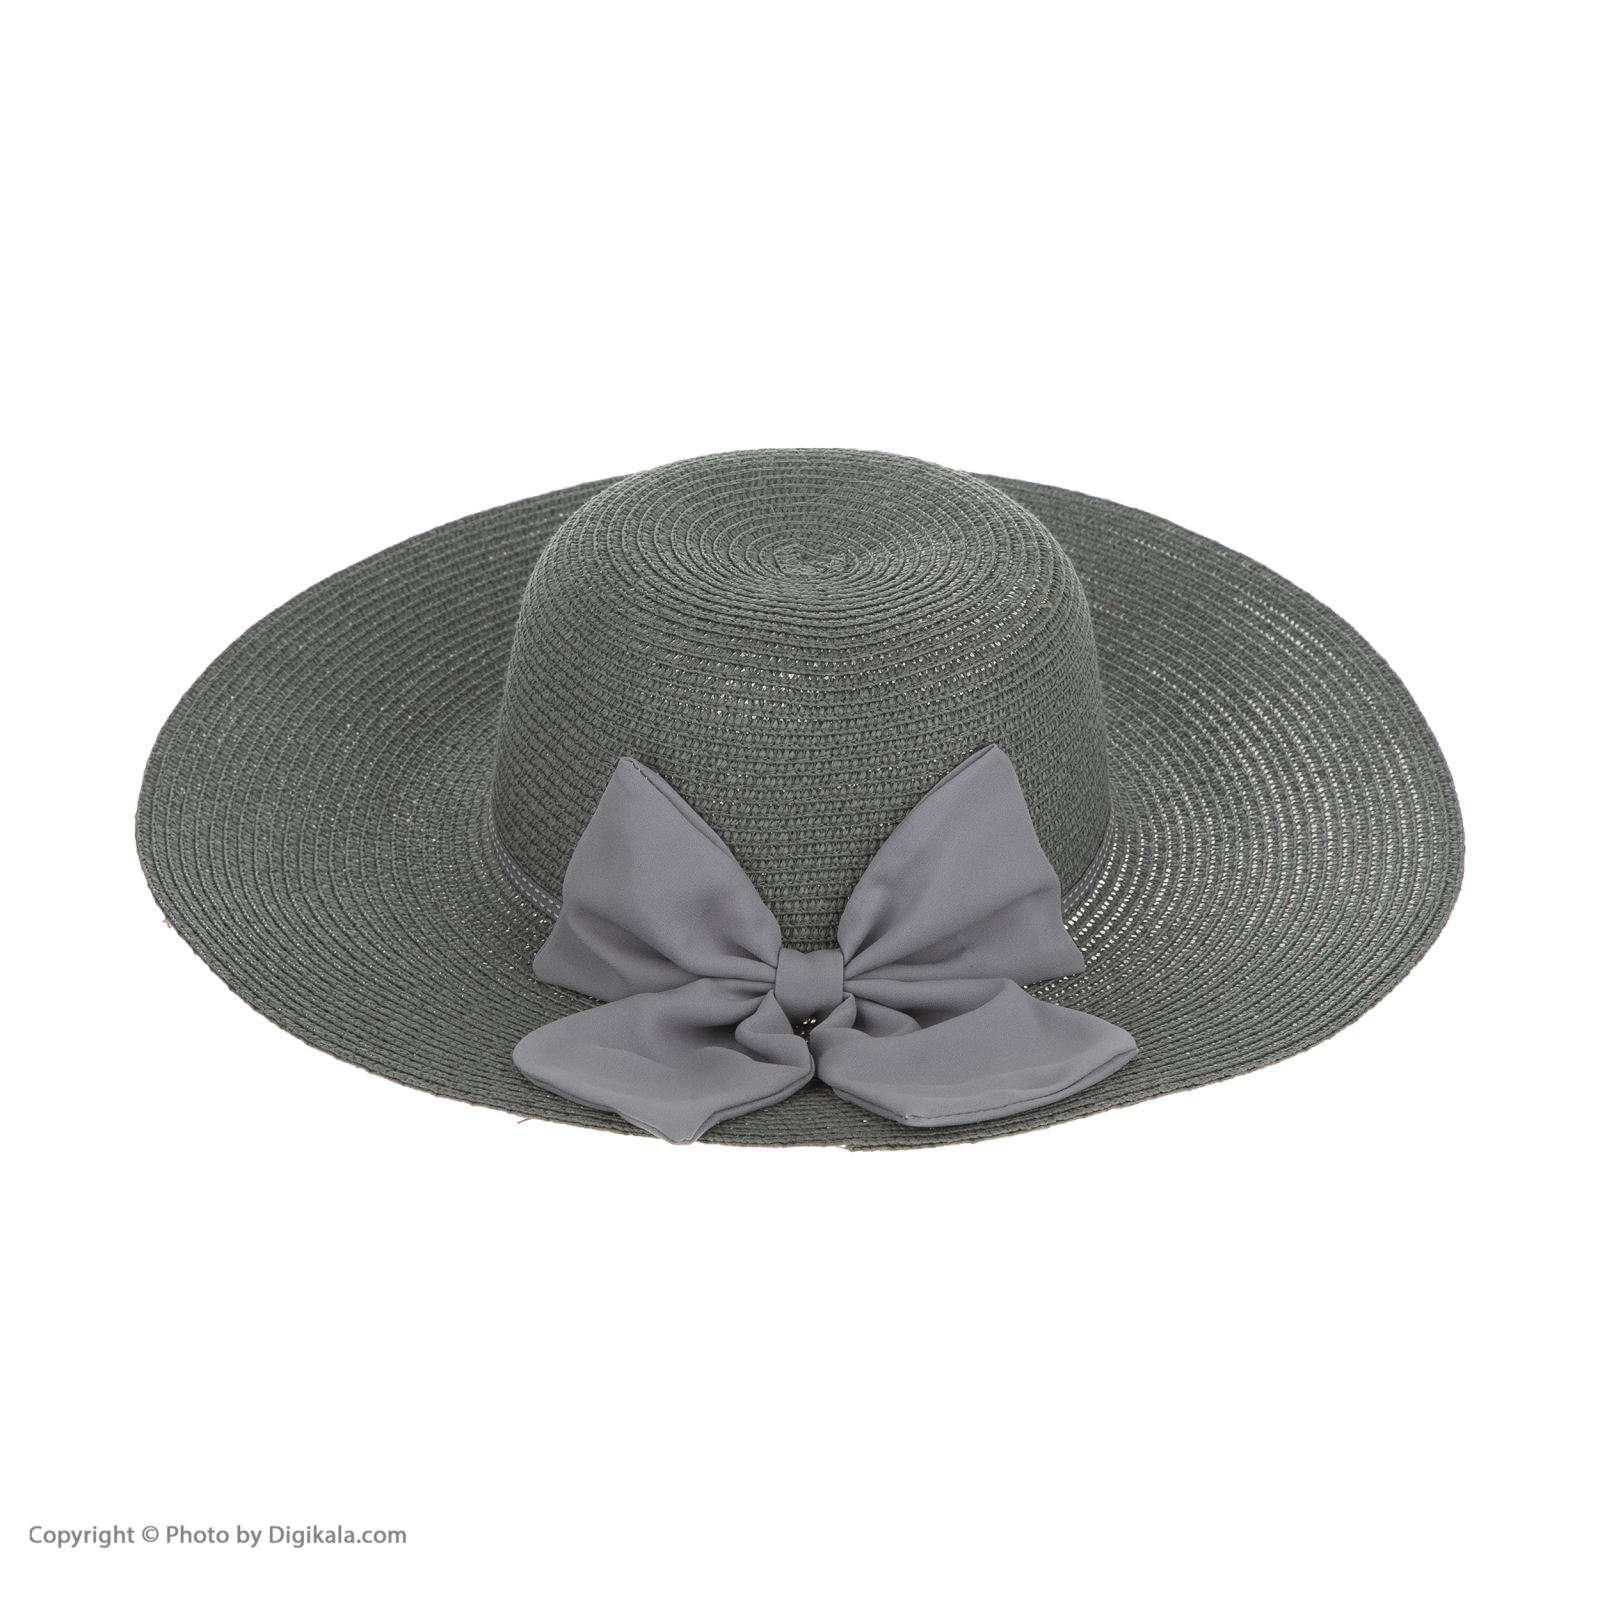 خرید 30 مدل توربان و کلاه زنانه ی شیک با کیفیت عالی + قیمت مناسب